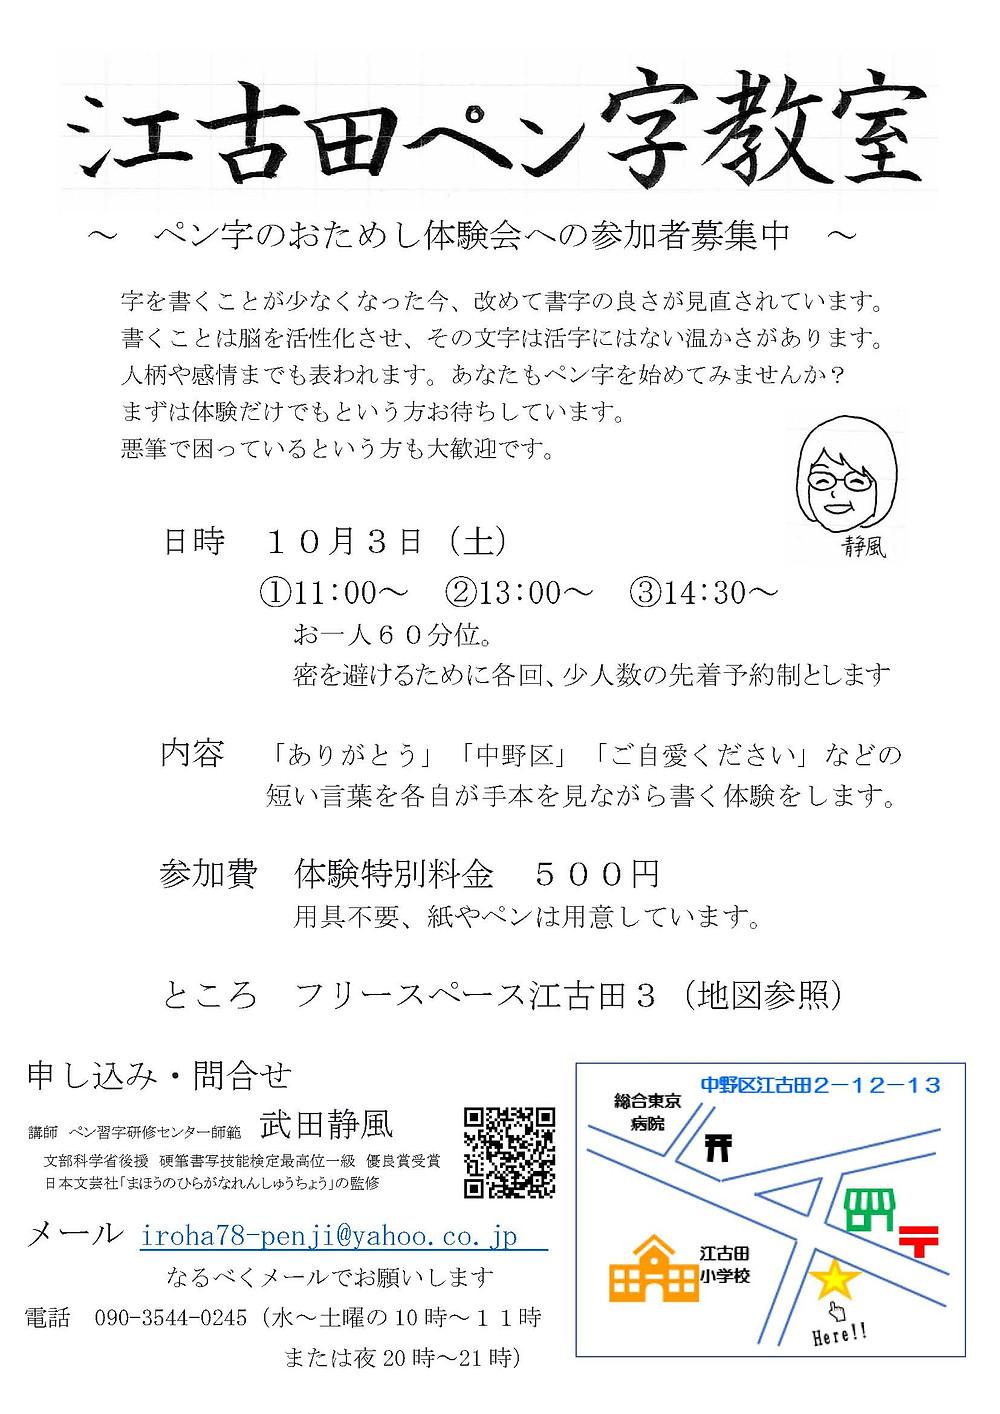 江古田ペン字教室 武田静風